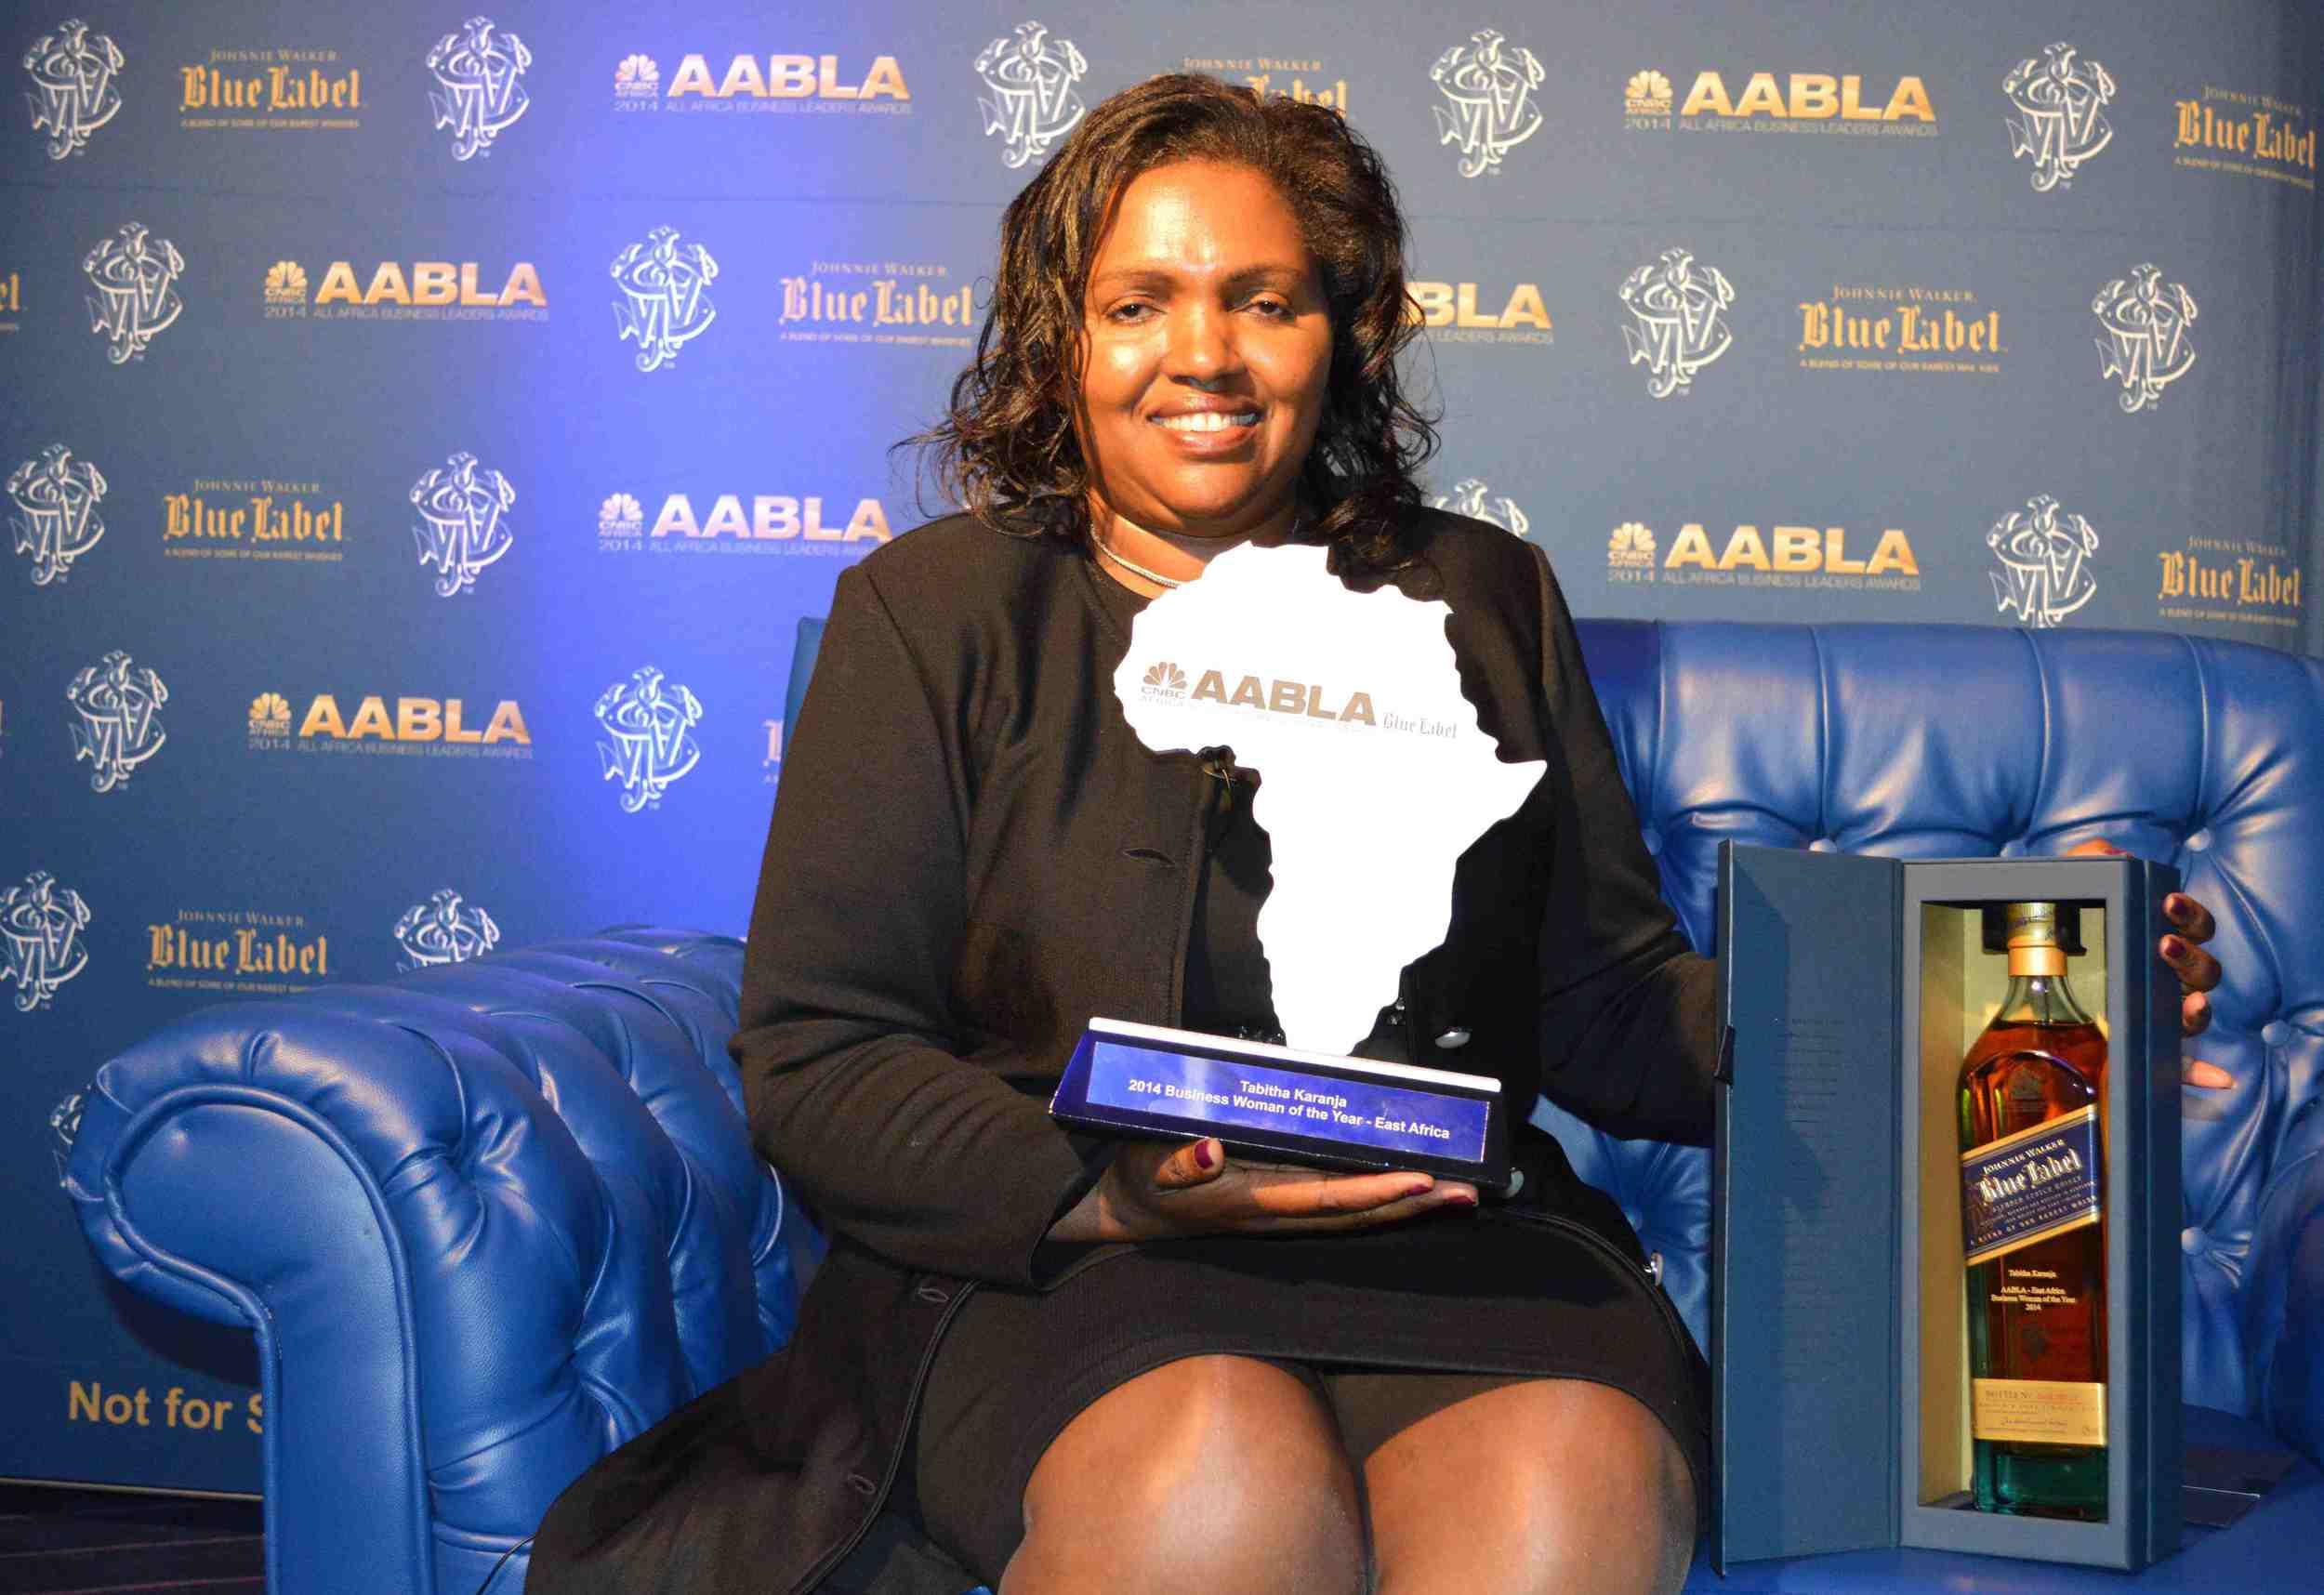 Tabitha-Kananja-AABLA-Award.jpg